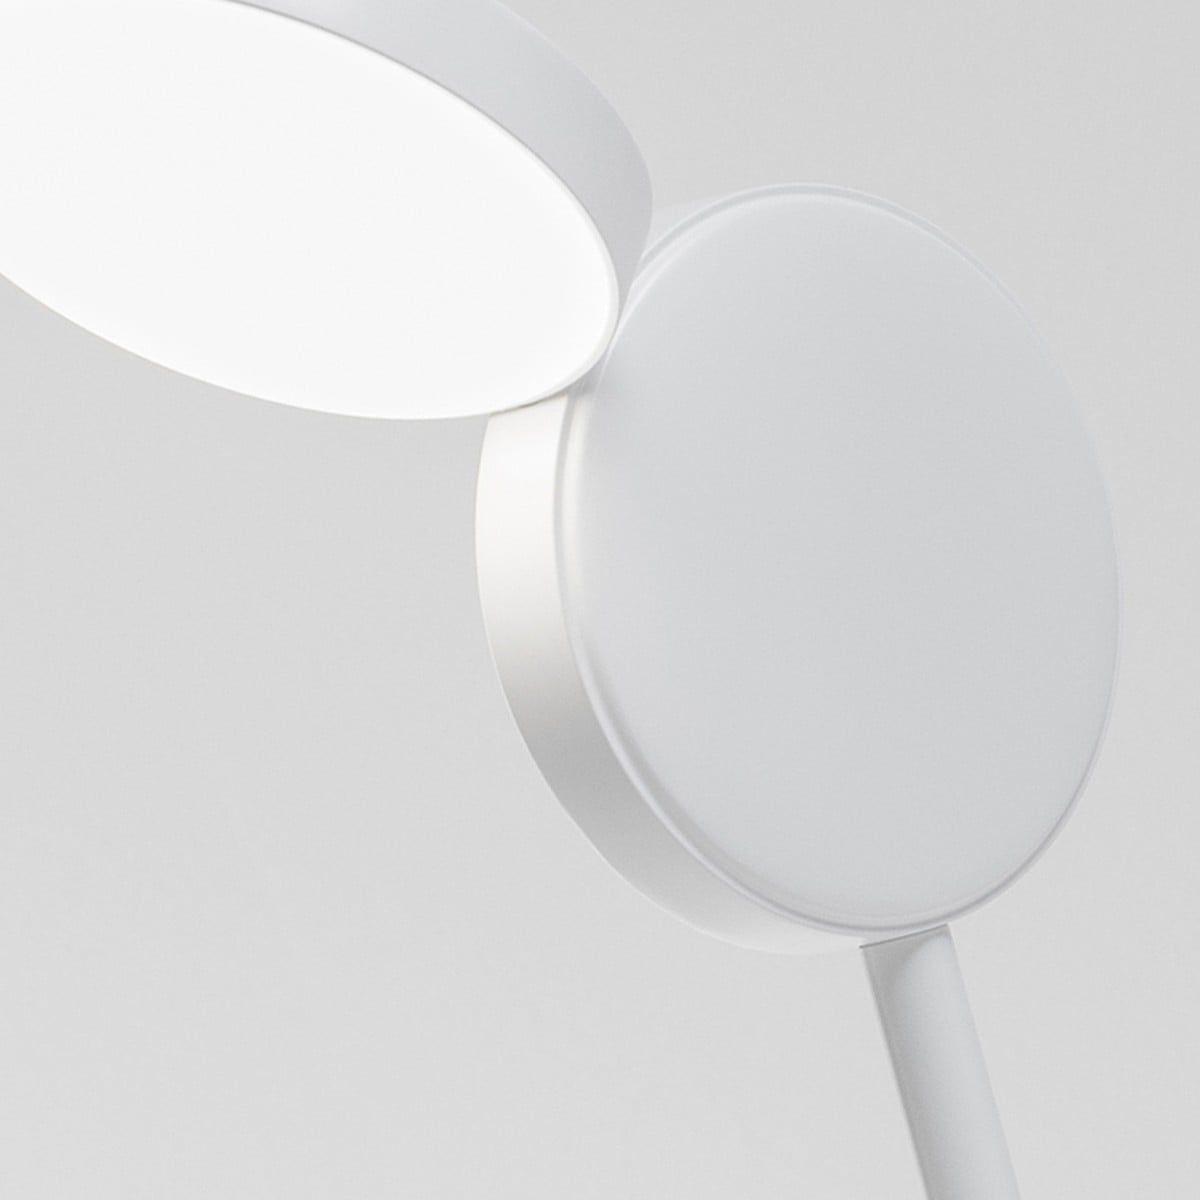 Led Einbaustrahler Gu10 Ohne Leuchtmittel Indirekte Beleuchtung Bad Selber Bauen Deckenlampe E27 Deckenleuchten In 2020 Led Einbaustrahler Led Deckenleuchte Led